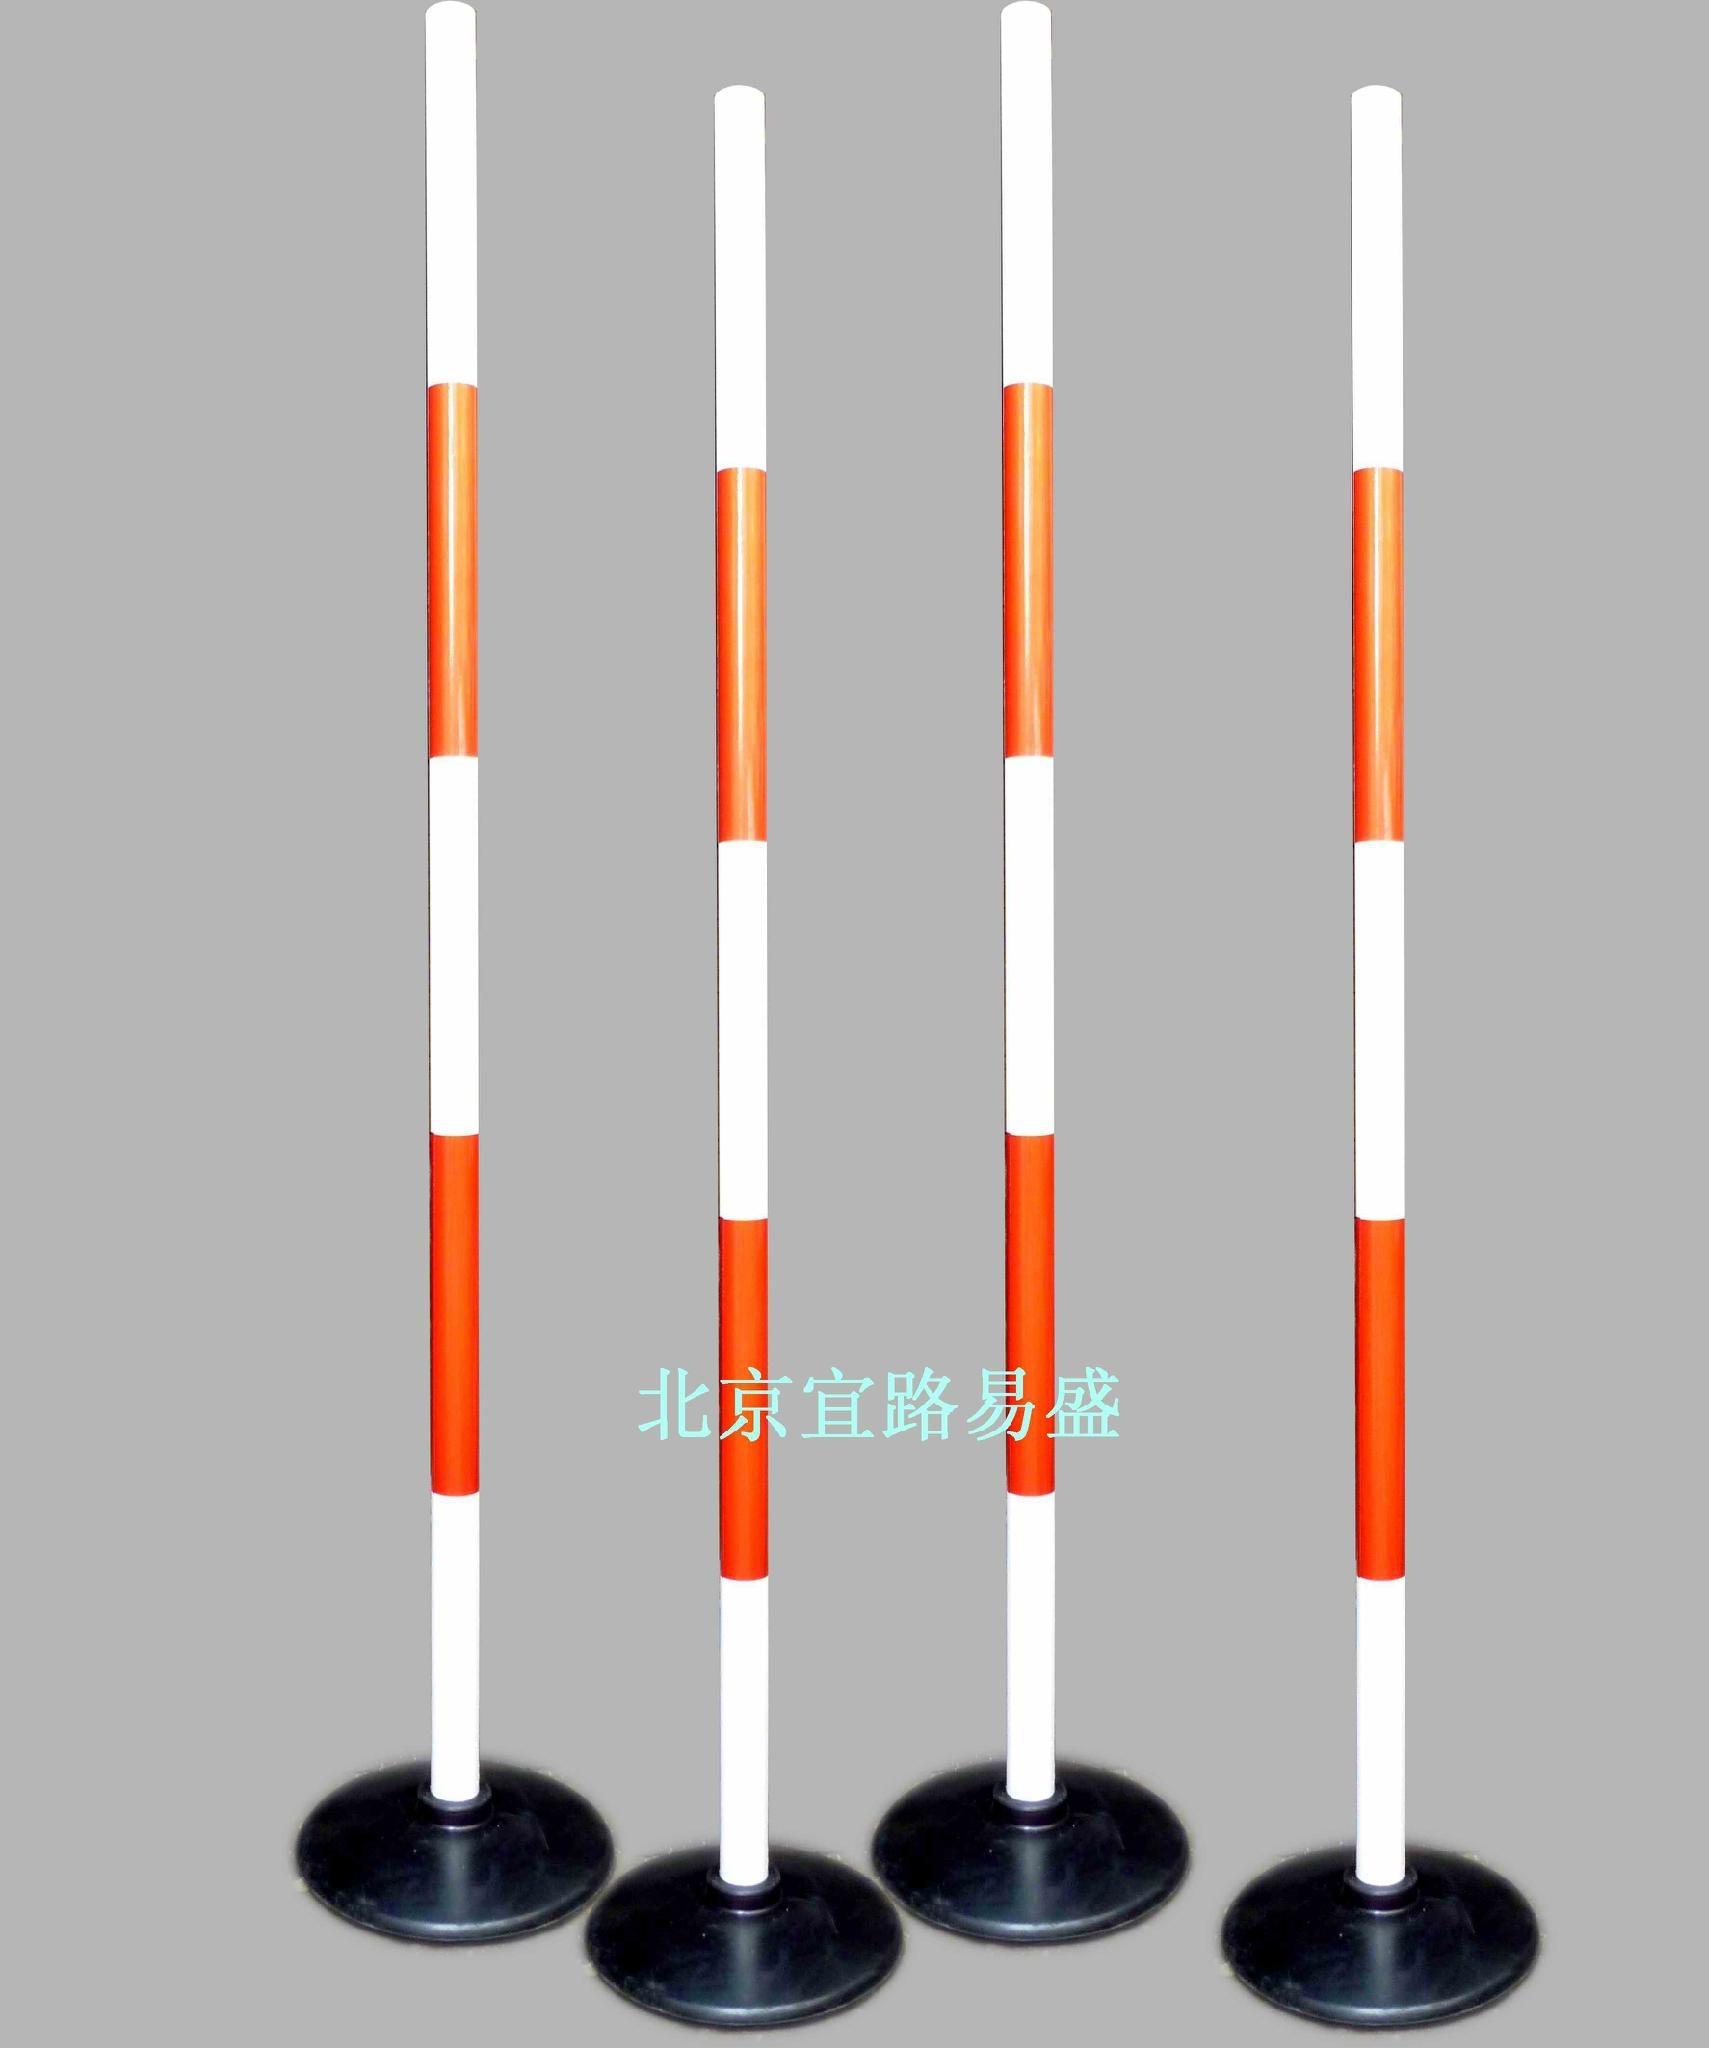 整体高度:1.5m;杆直径:4c厘米;底座直径:27厘米;重量:5.8斤 适用范围:适合体育课教学和课时训练用,如运球测试,足球绕杆,篮球变向运球,接力跑、S形跑标志物、障碍物等。 标杆色彩鲜艳醒目,全部粘贴反光膜,提高其抗老化性和耐候性,结实耐用。产品大底座份量重。整体达到5.